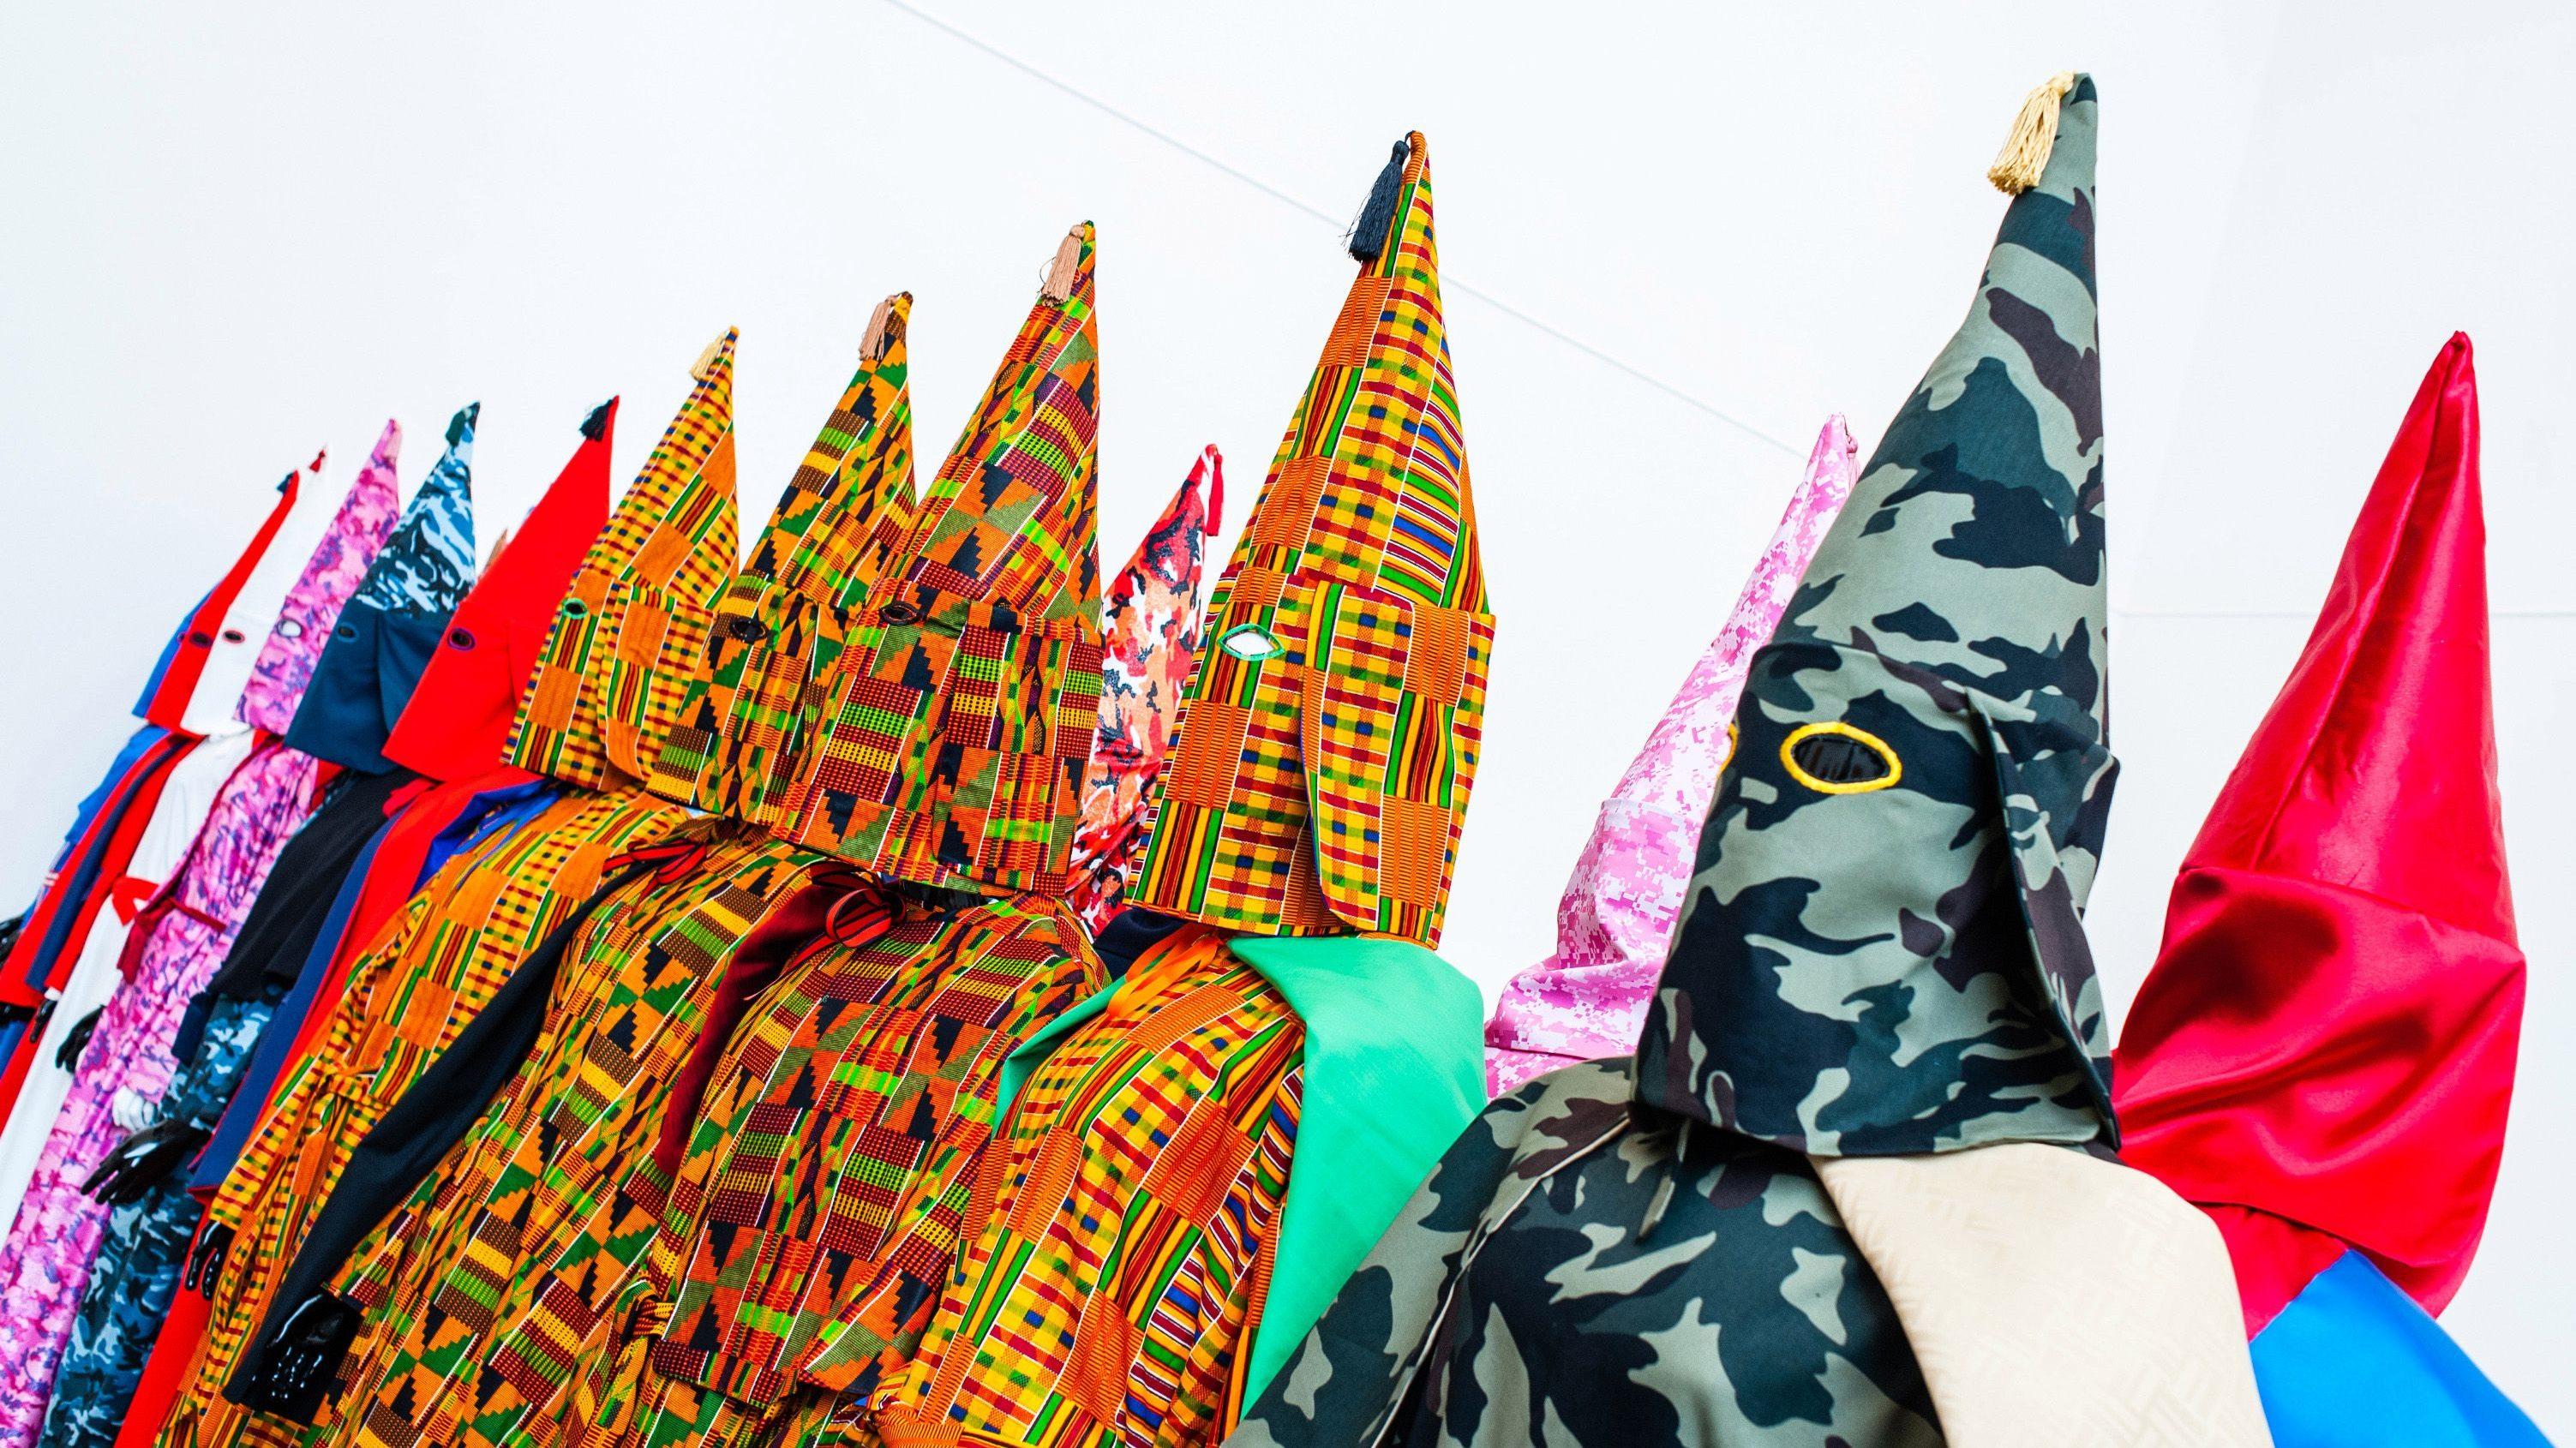 TED Fellow Paul Rucker creates bespoke KKK robes to